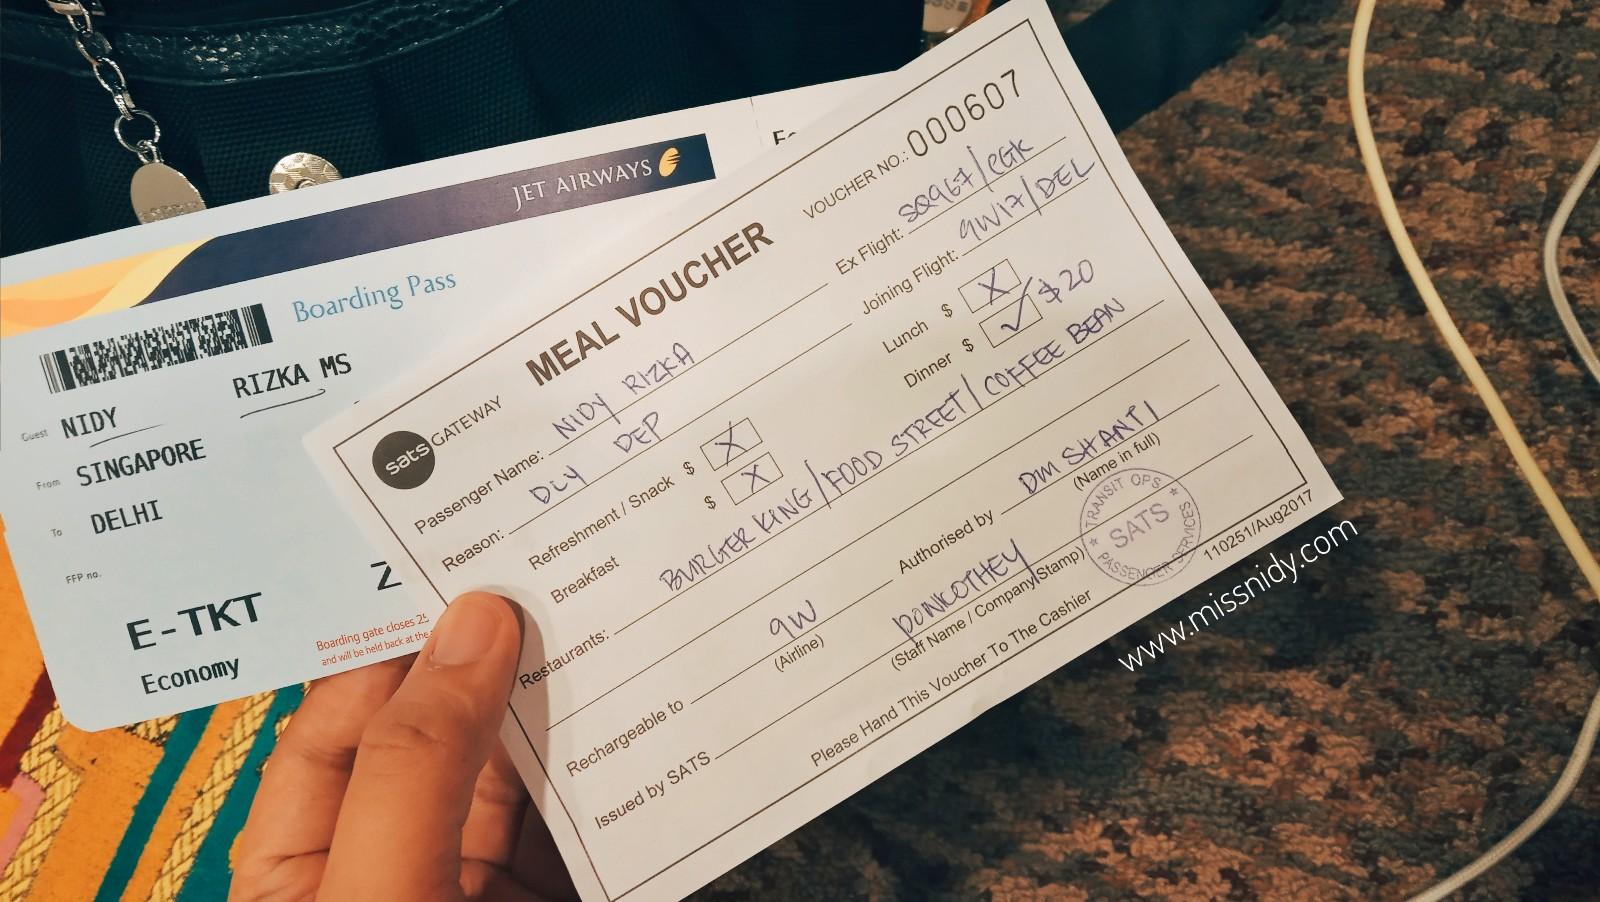 kompensasi pesawat delay di singapura